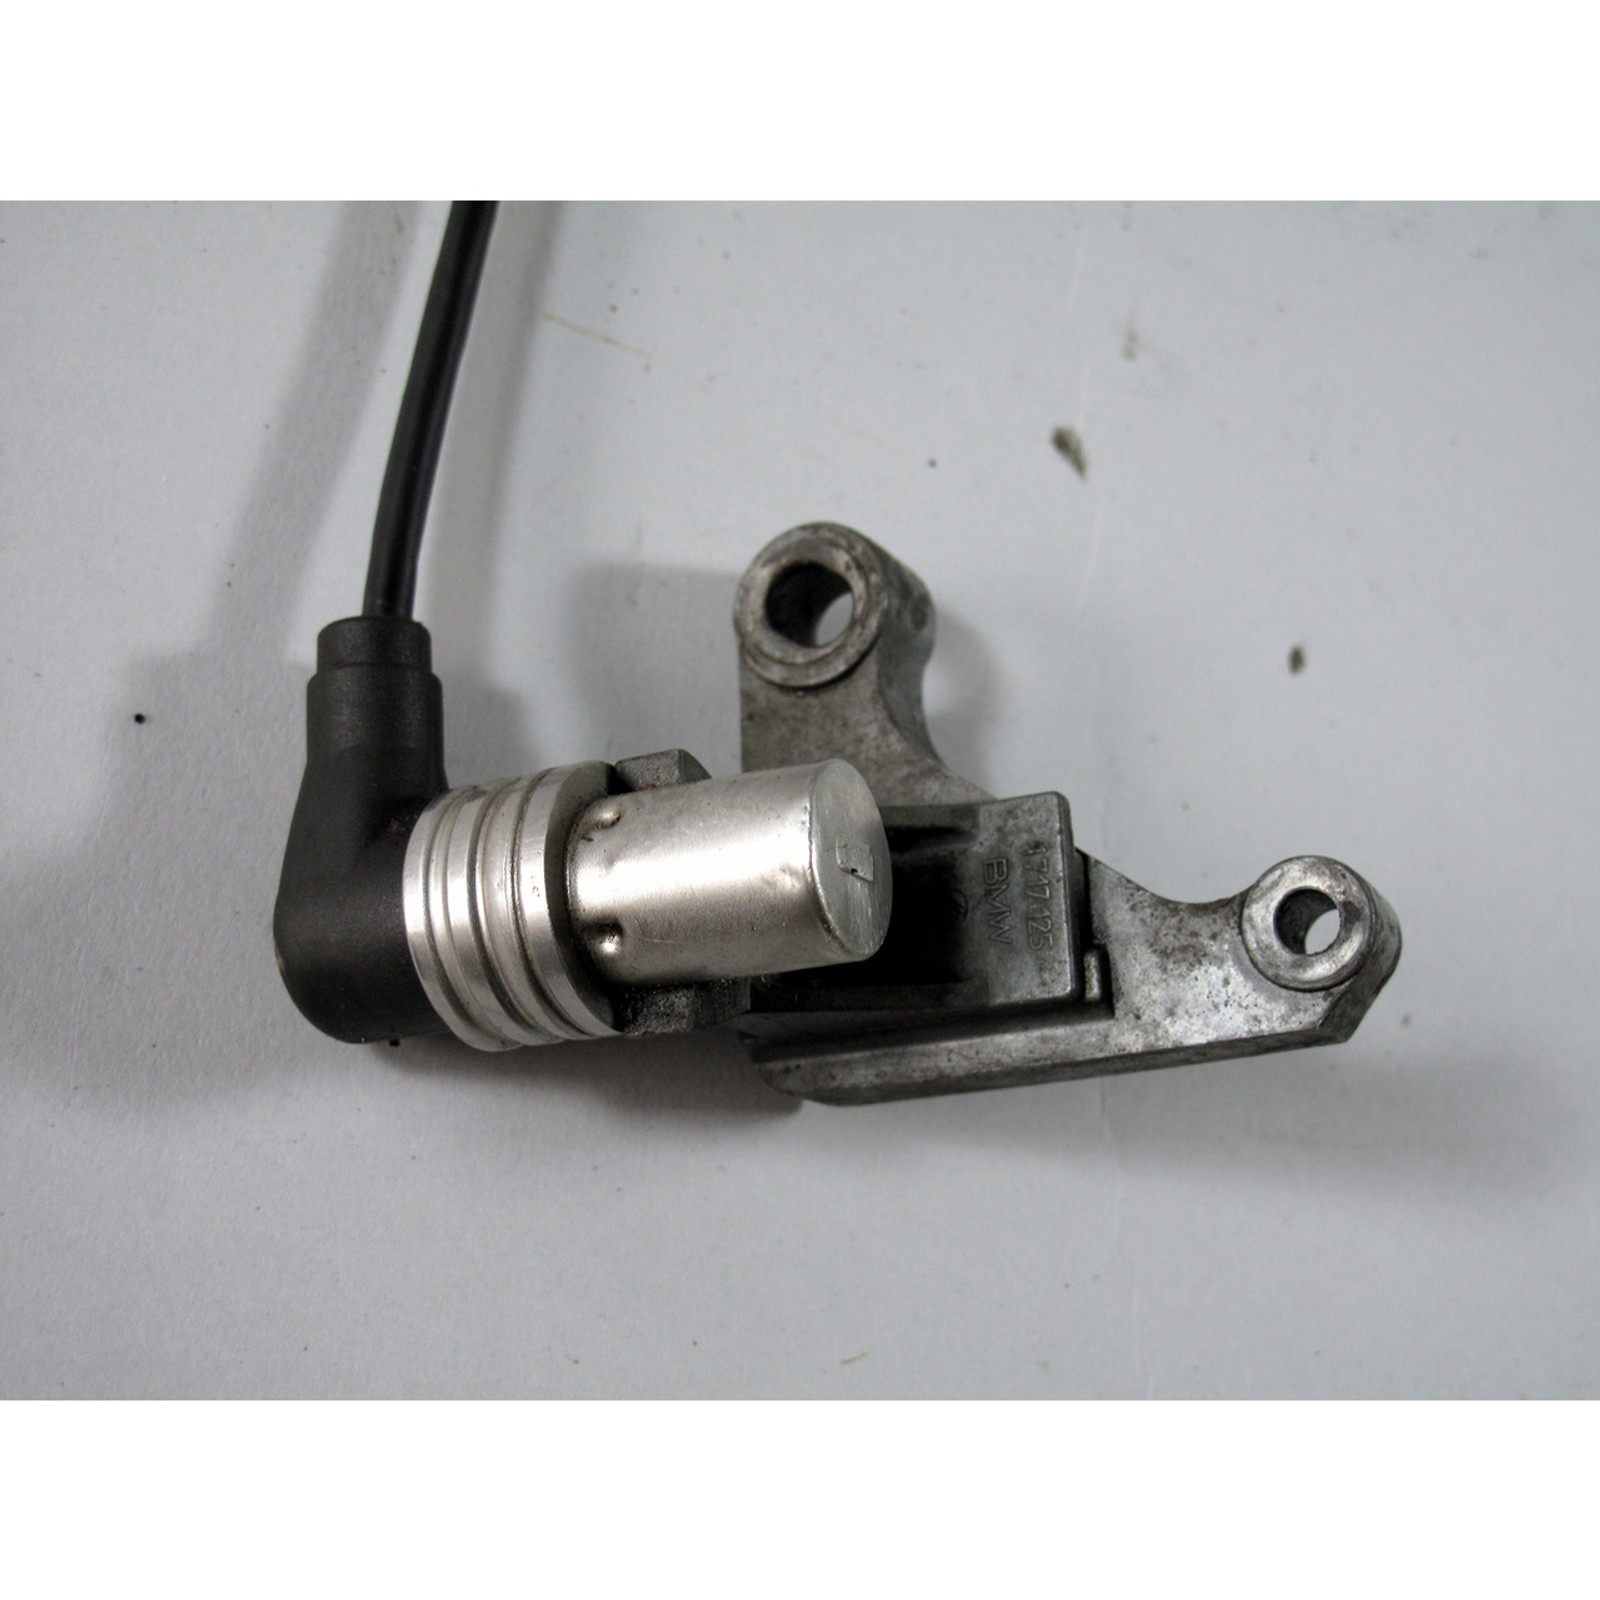 BMW M30 Crankshaft Crank Sensor CPS w Mounting Bracket 1988-1989 E34 E24  E32 OE